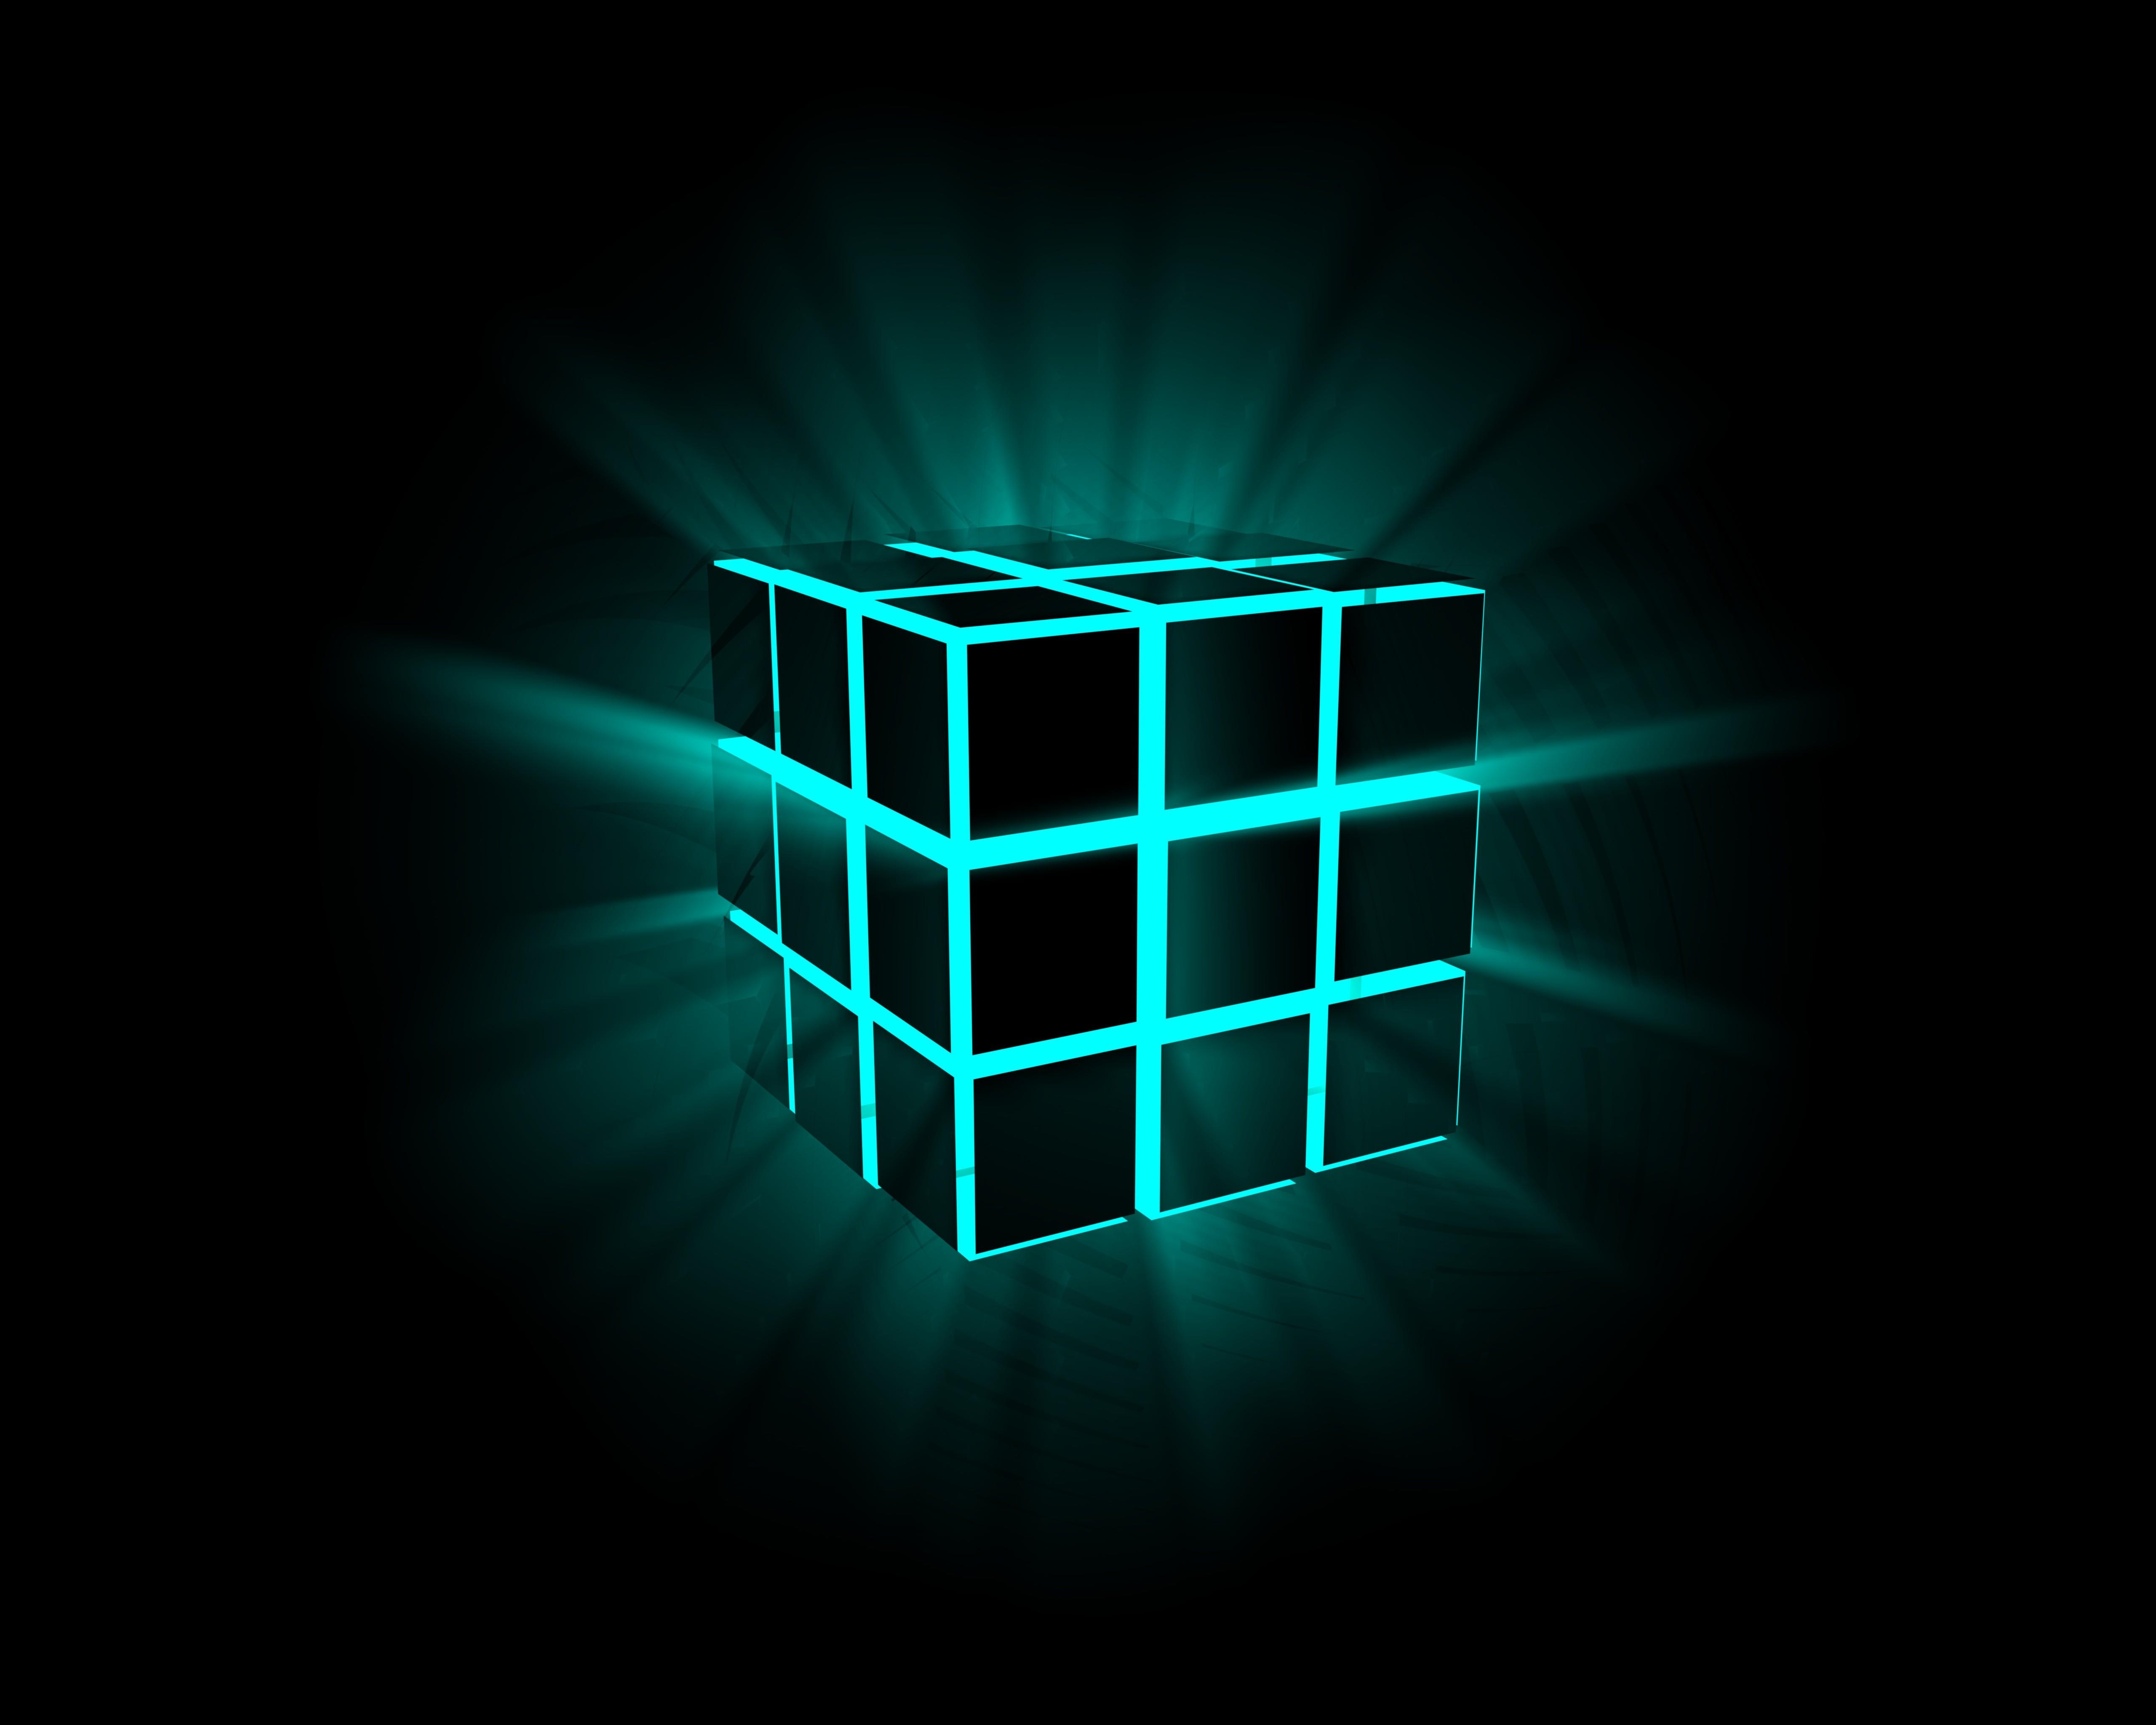 Rubiks Cube Wallpapers 441622 Hd Wallpaper